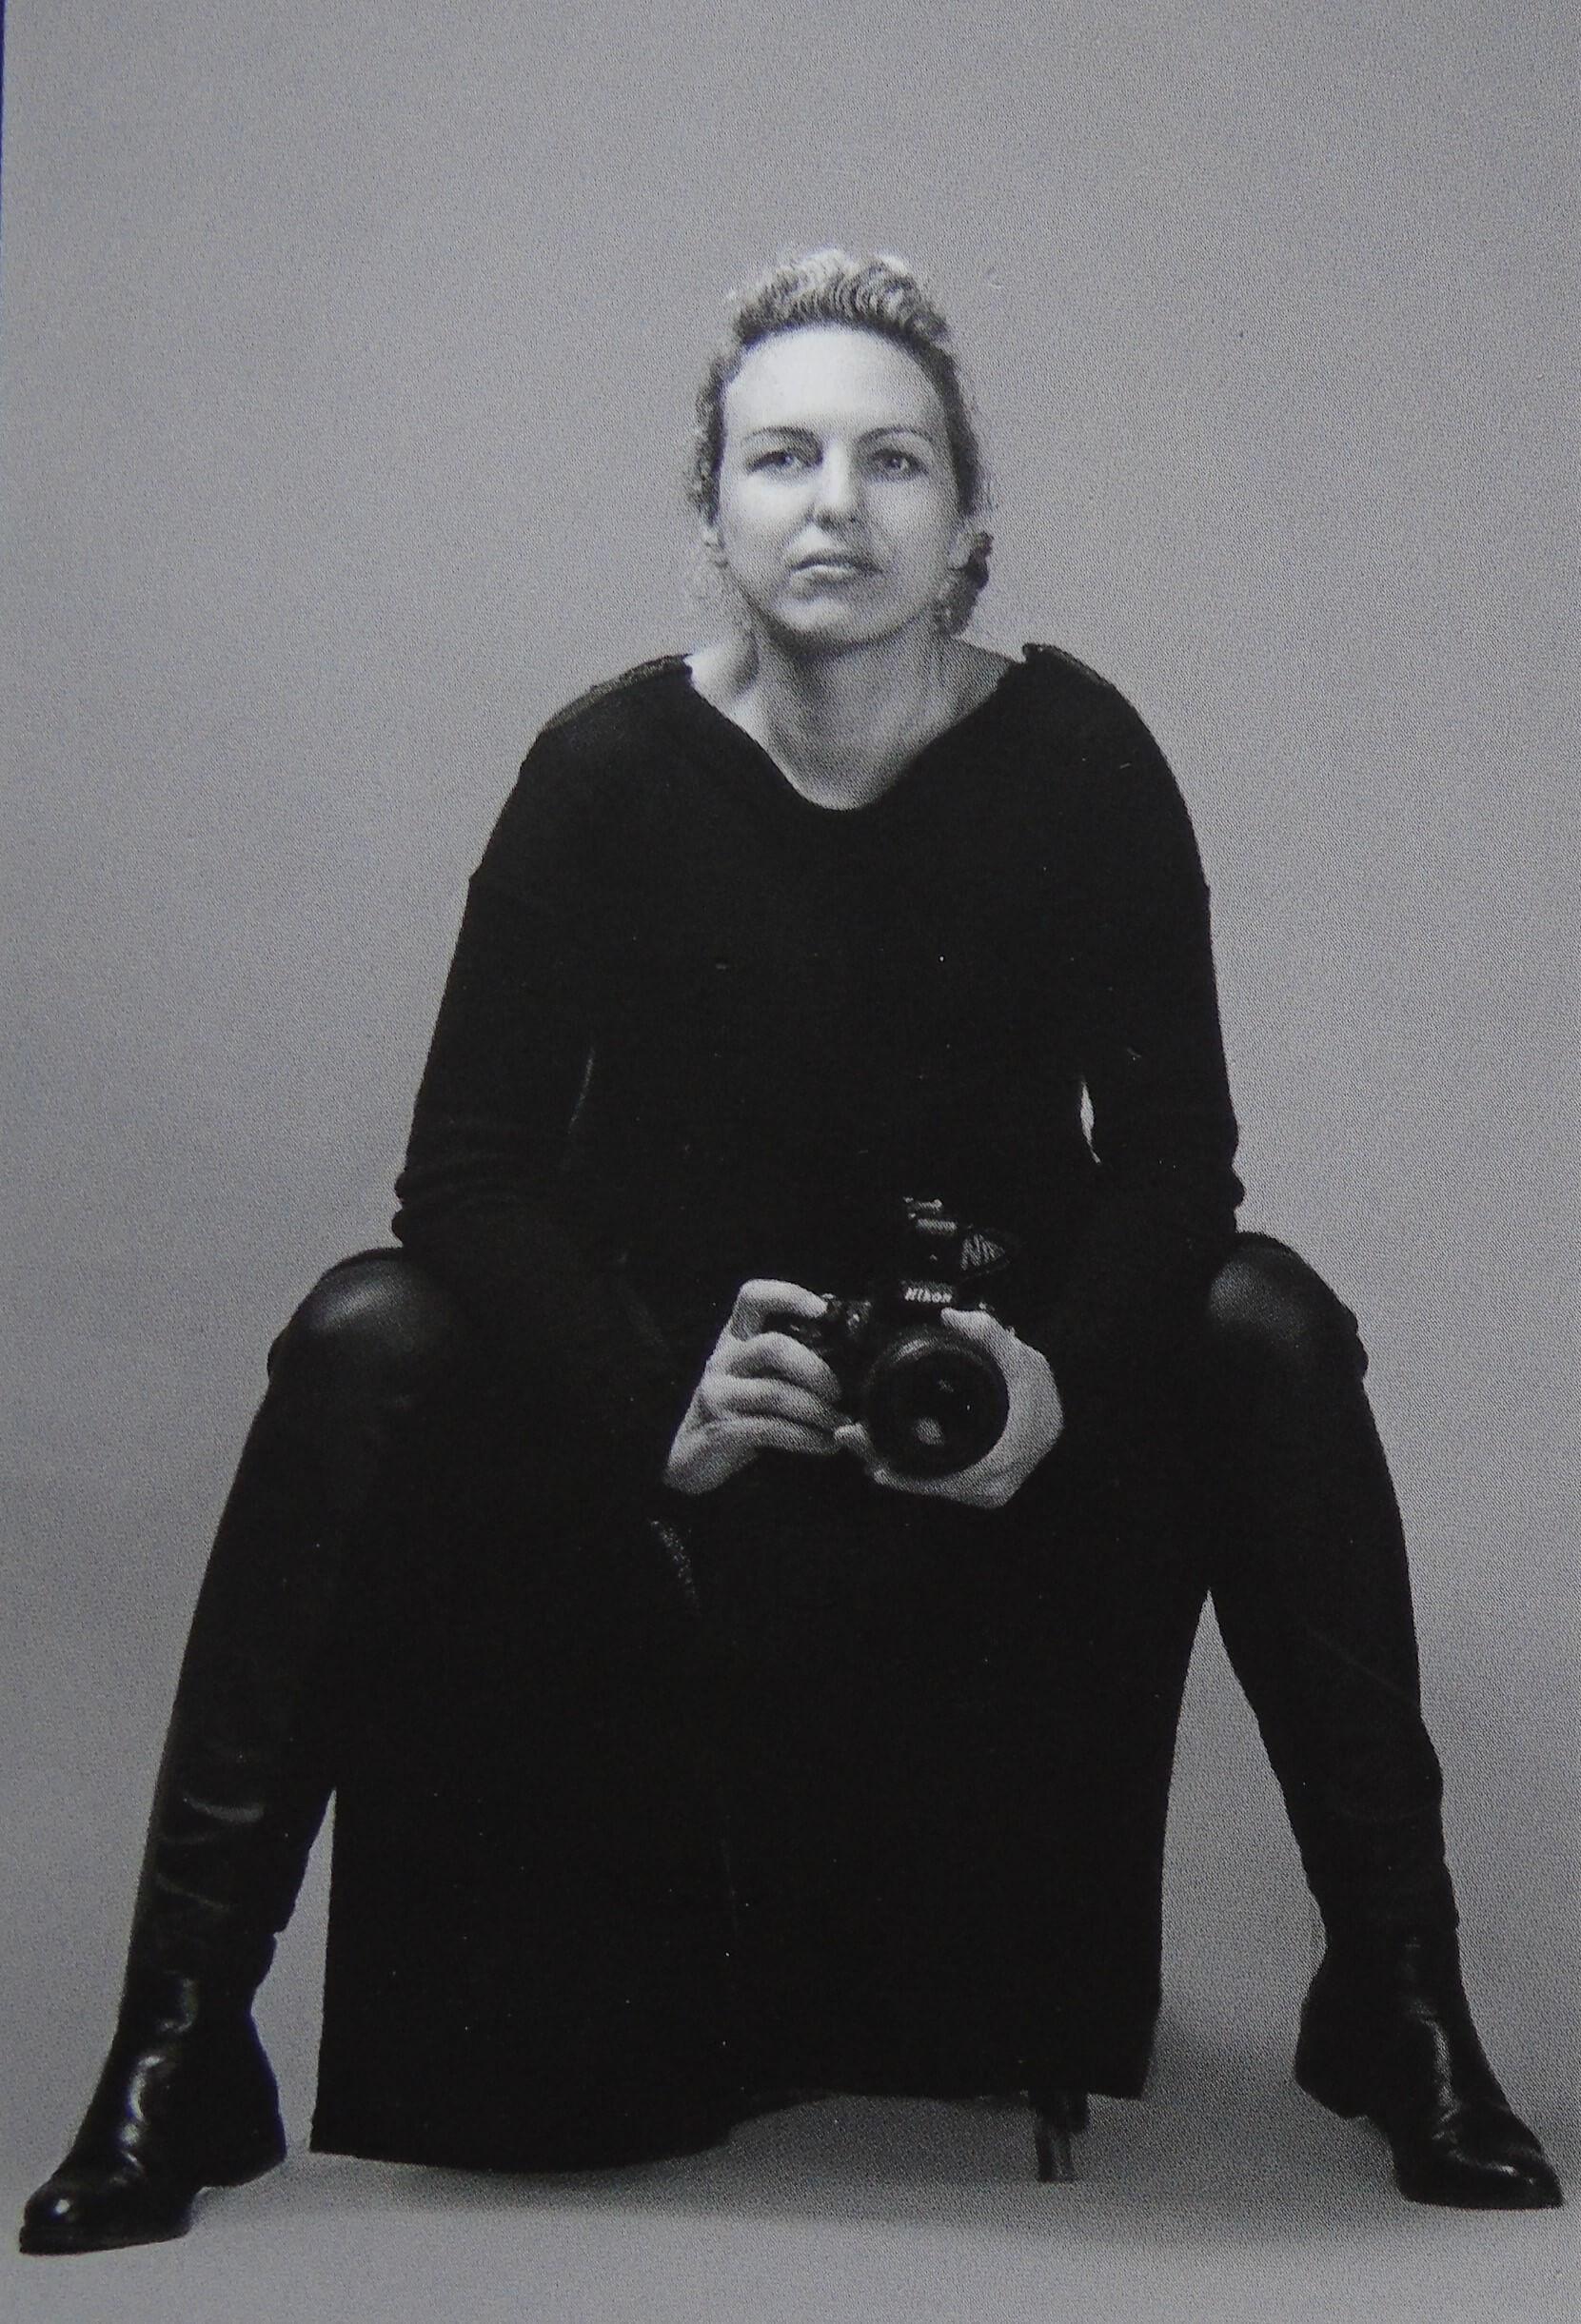 Rasa Didaitė. Portretas